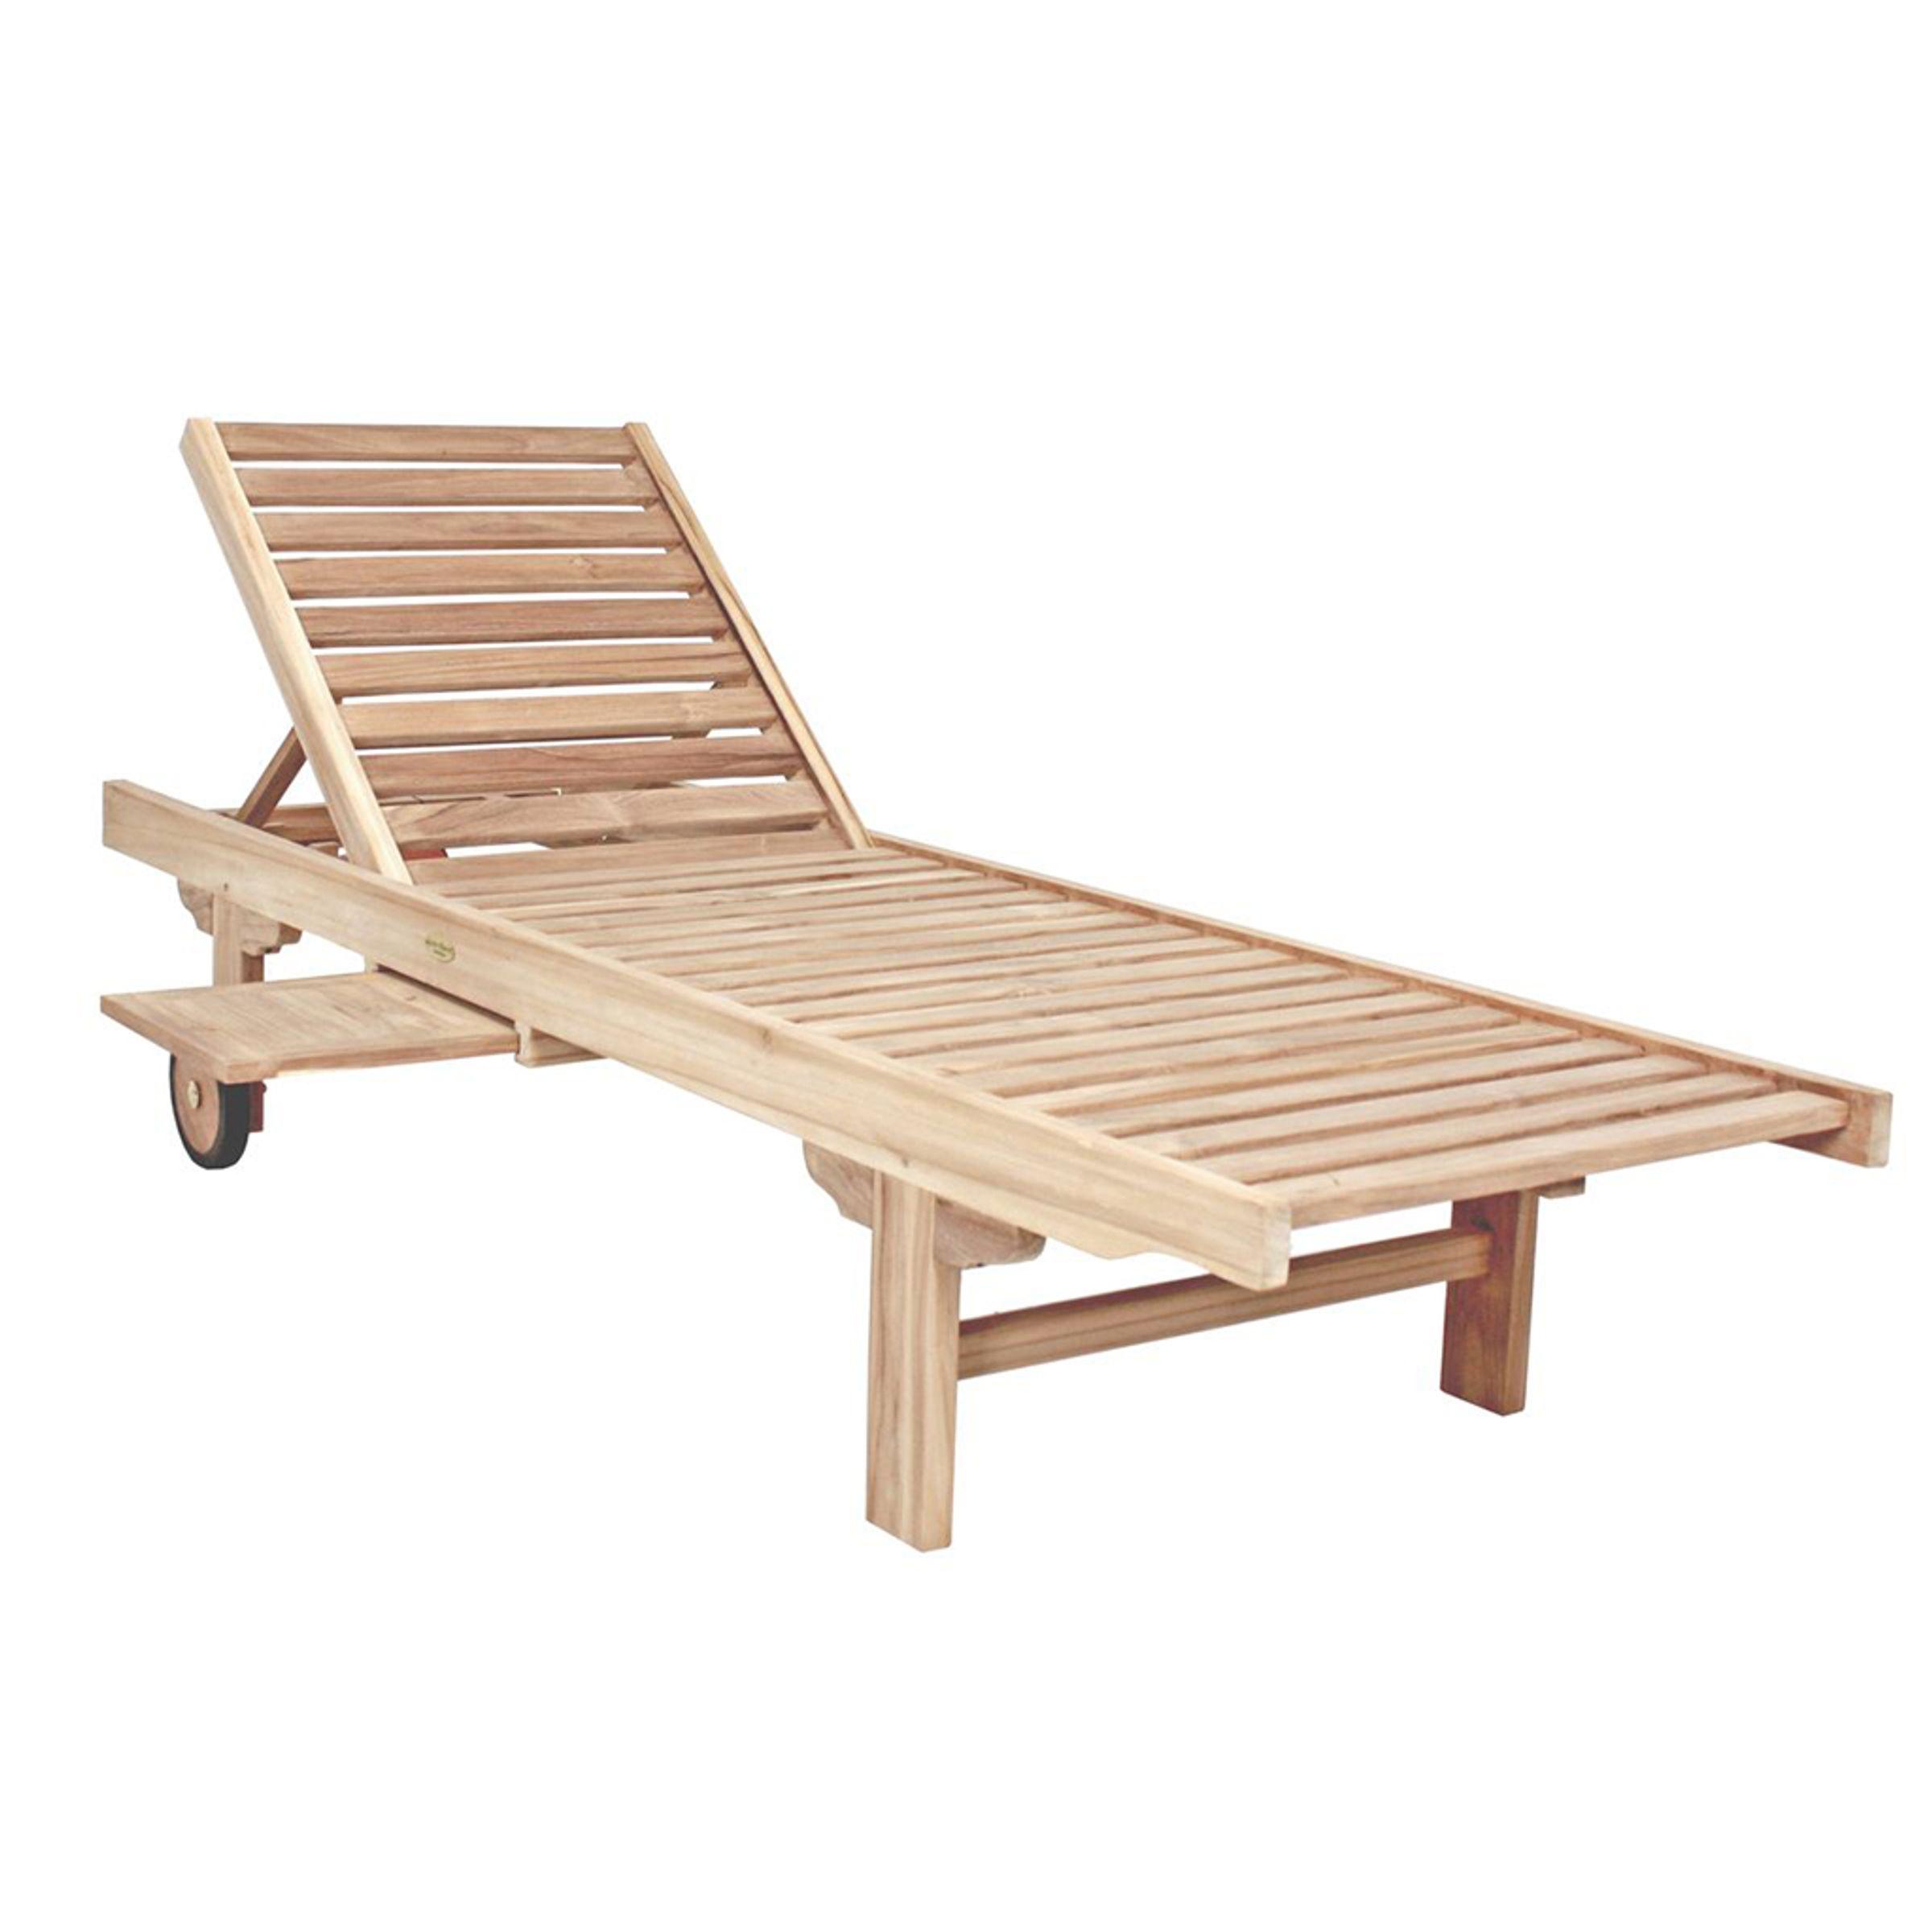 Sonnenliege Gartenliege Liegestuhl Liege Relaxliege Holz Teak Mit